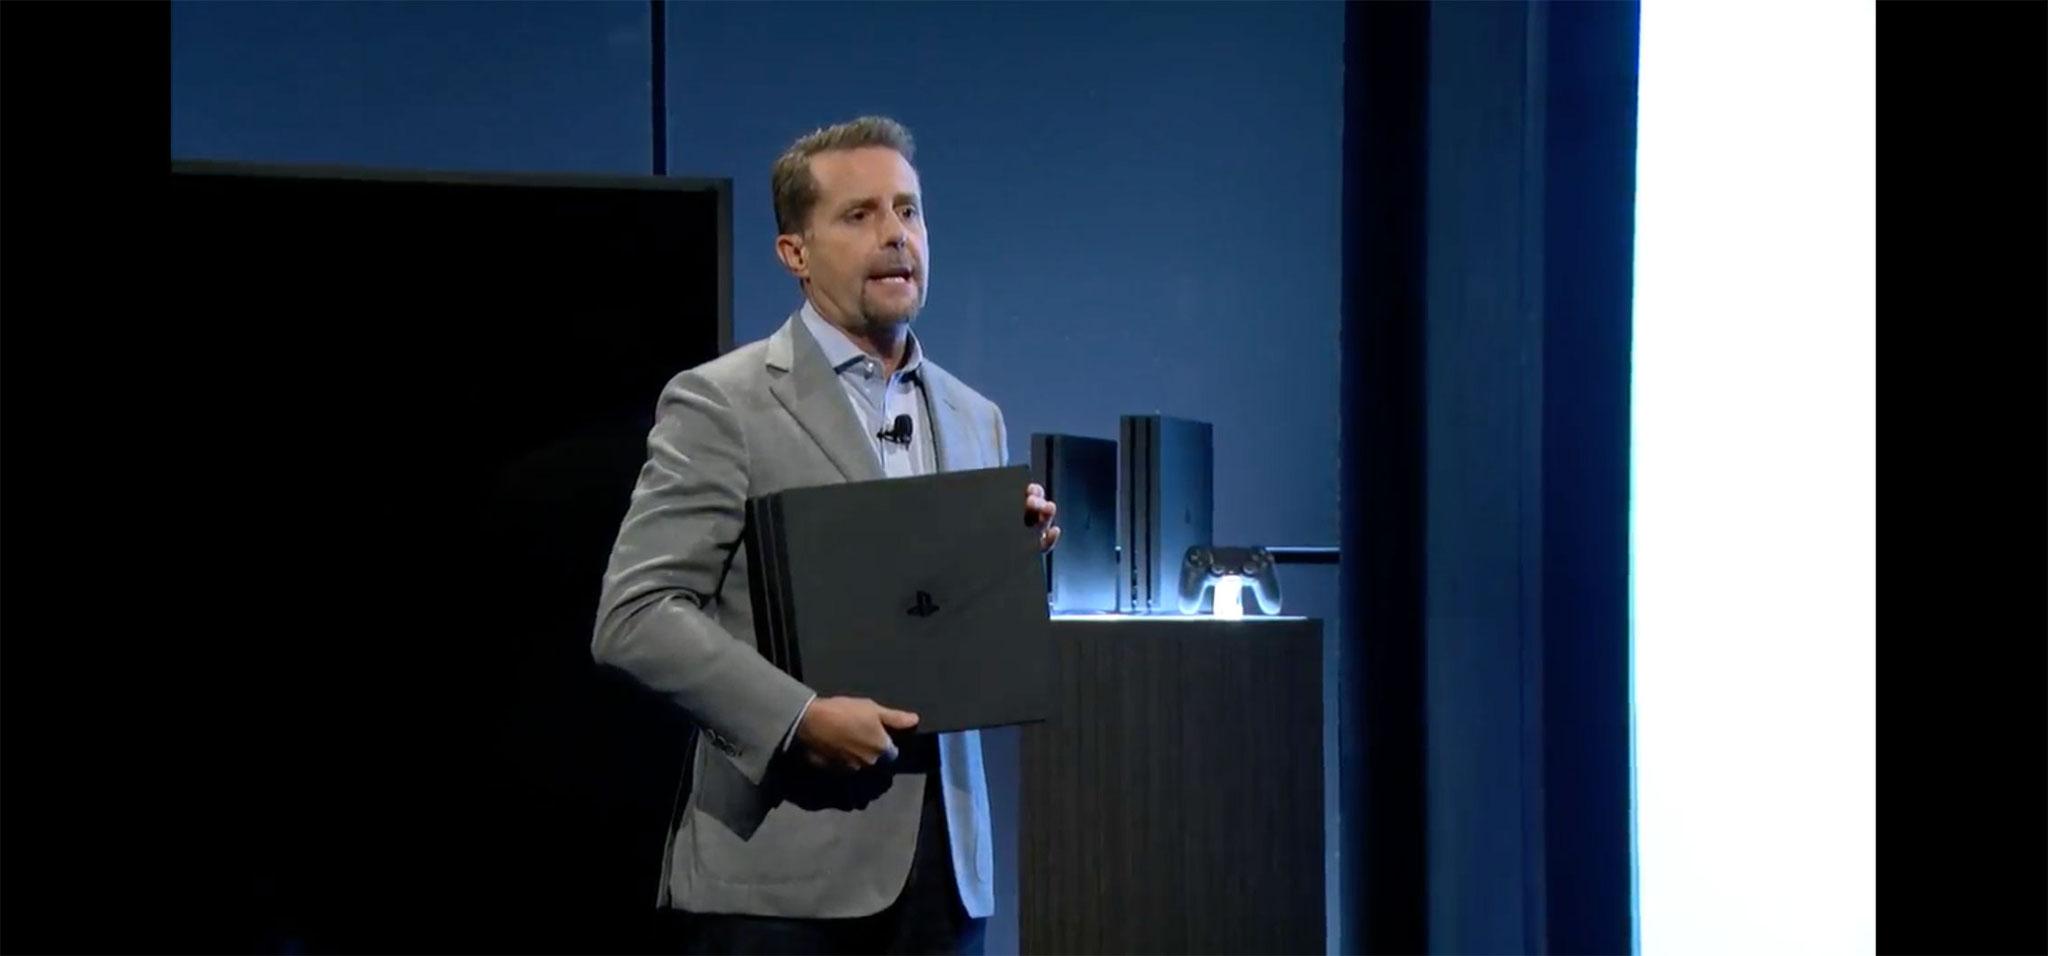 """Dickes Ding: PlayStation-Chef Andrew House mit der überraschend massiven """"PS4 Pro"""" unter dem Arm –hinter ihm ist das Gerät neben dem deutlichen kleineren Modell zu sehen, das ab dem 15.09. die bisherige PS4 ersetzt."""